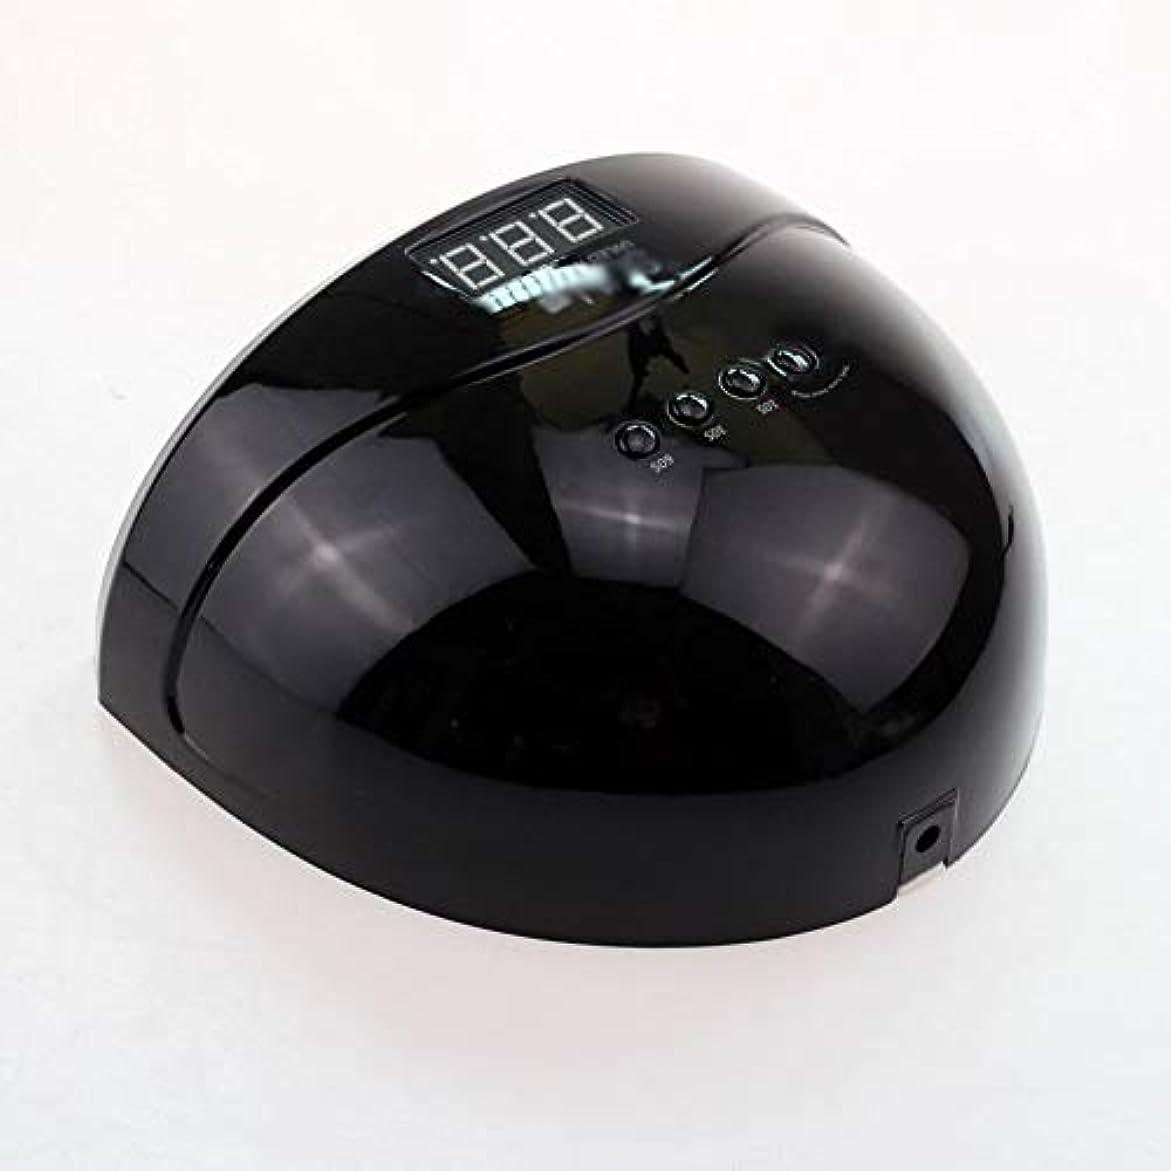 ちらつき意味スイッチネイルドライヤー - LEDマシン光線療法ネイルマシン48Wスマートデュアル光源ネイルロースト速乾性機